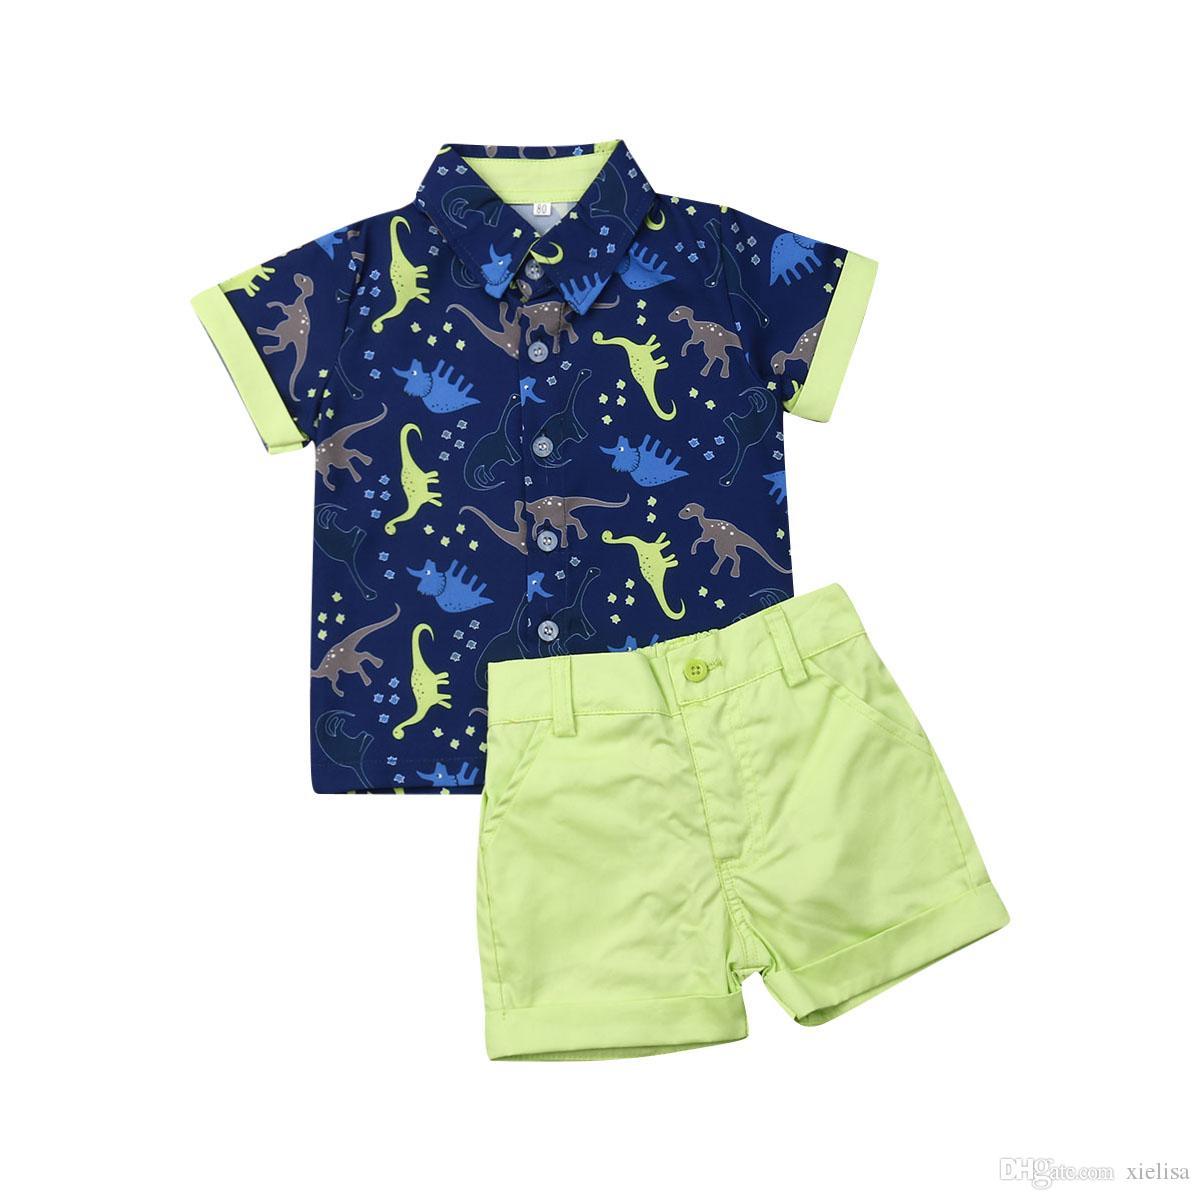 Bambino appena nato capretti neonati vestiti manica corta dinosauro T-shirt stampata Tops + pantaloni di scarsità Outfits Sets